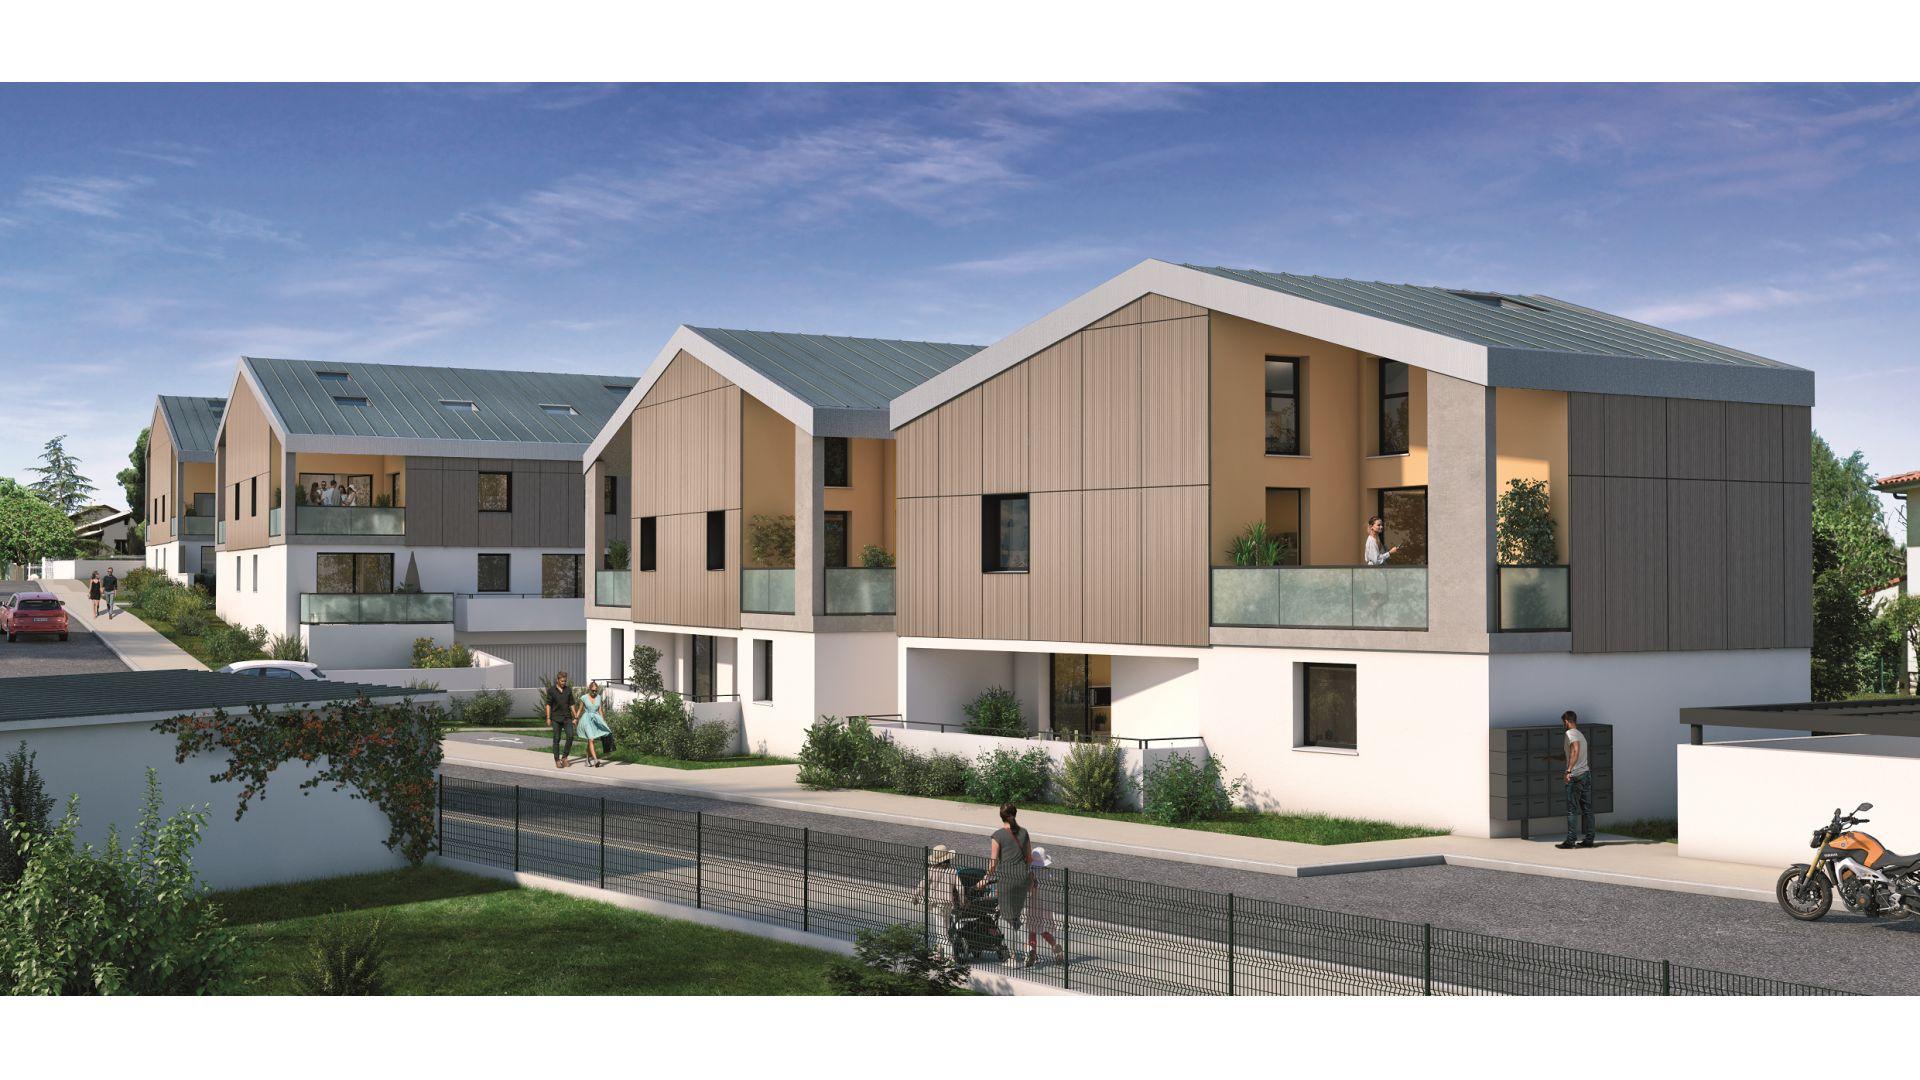 Greencity Immobilier - Résidence Villa Palacio - 31700 Blagnac - appartements neufs du T2 au T4 Duplex